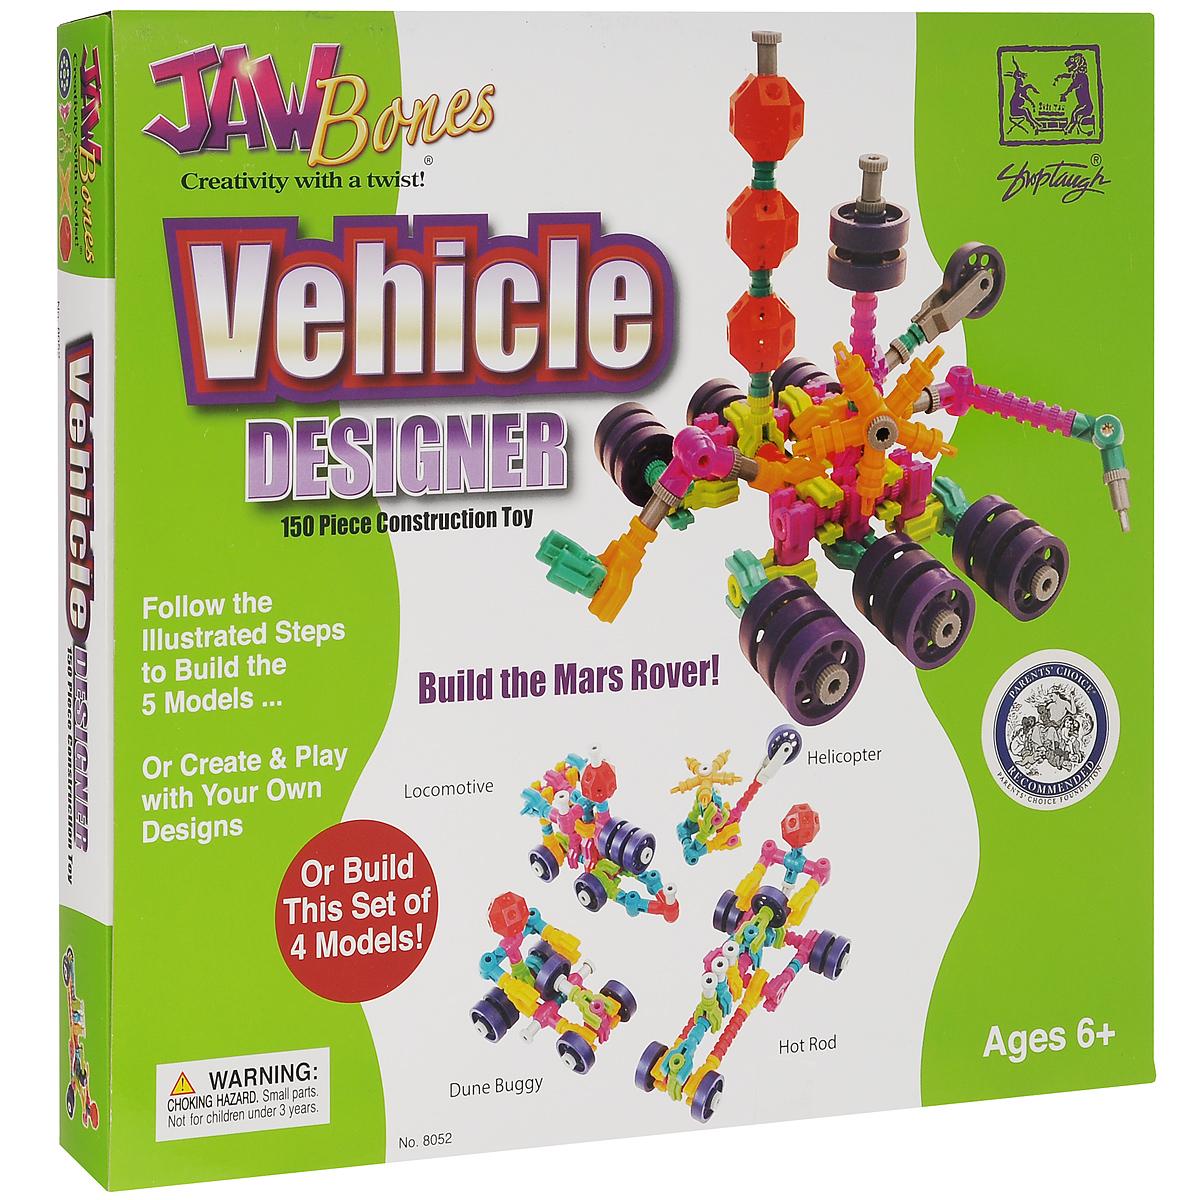 Jawbones Конструктор Автомобили 80528052Новый развивающий конструктор Jawbones непременно понравится вашему ребенку! При помощи красочных деталей, с уникальным креплением, можно собрать 4 небольших модели различных машин или 1 огромную модель лунохода. Конструктор состоит из 150 элементов разного размера, цвета и назначения. Ваш ребенок с удовольствием будет играть с конструктором, придумывая различные истории.